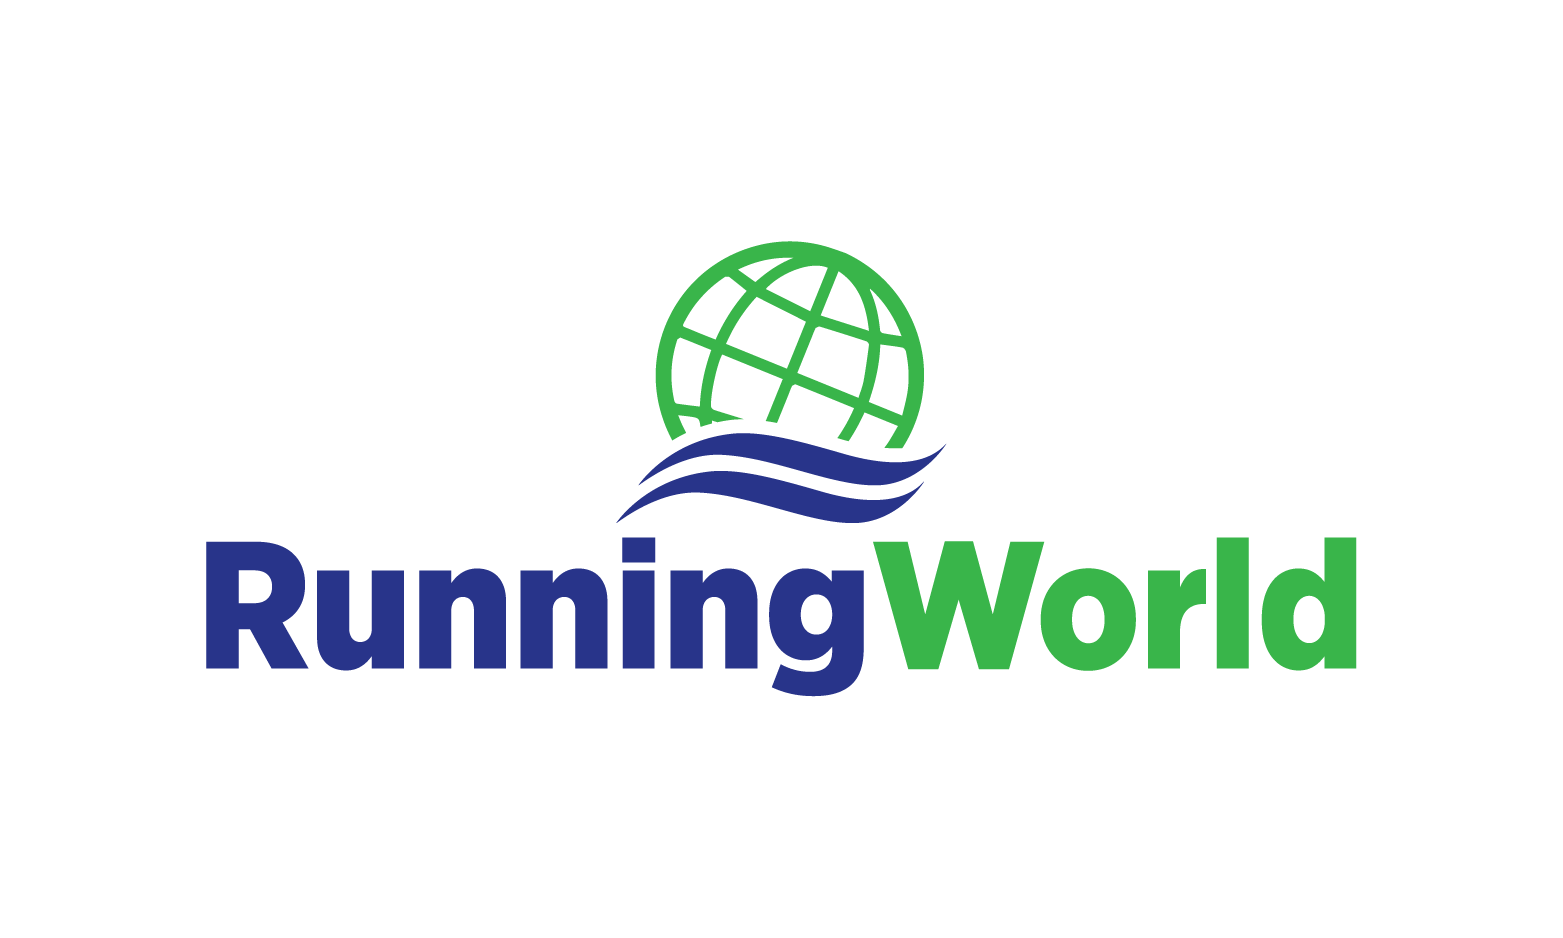 RunningWorld.com